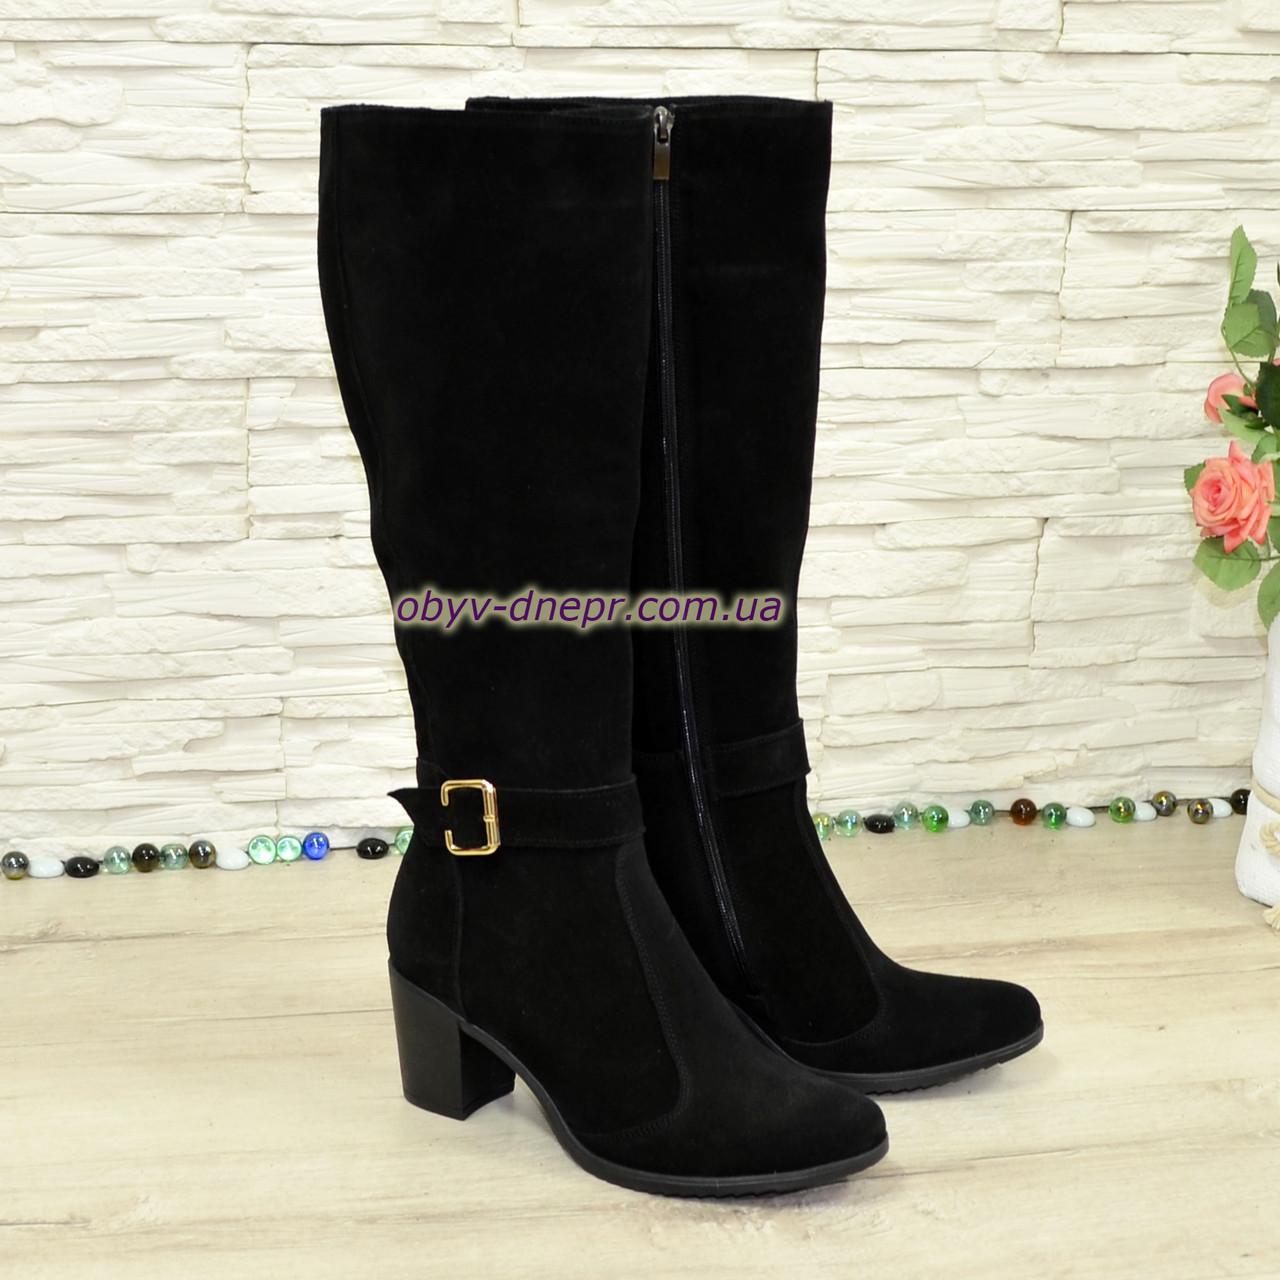 Сапоги зимние замшевые женские на невысоком устойчивом каблуке, цвет черный